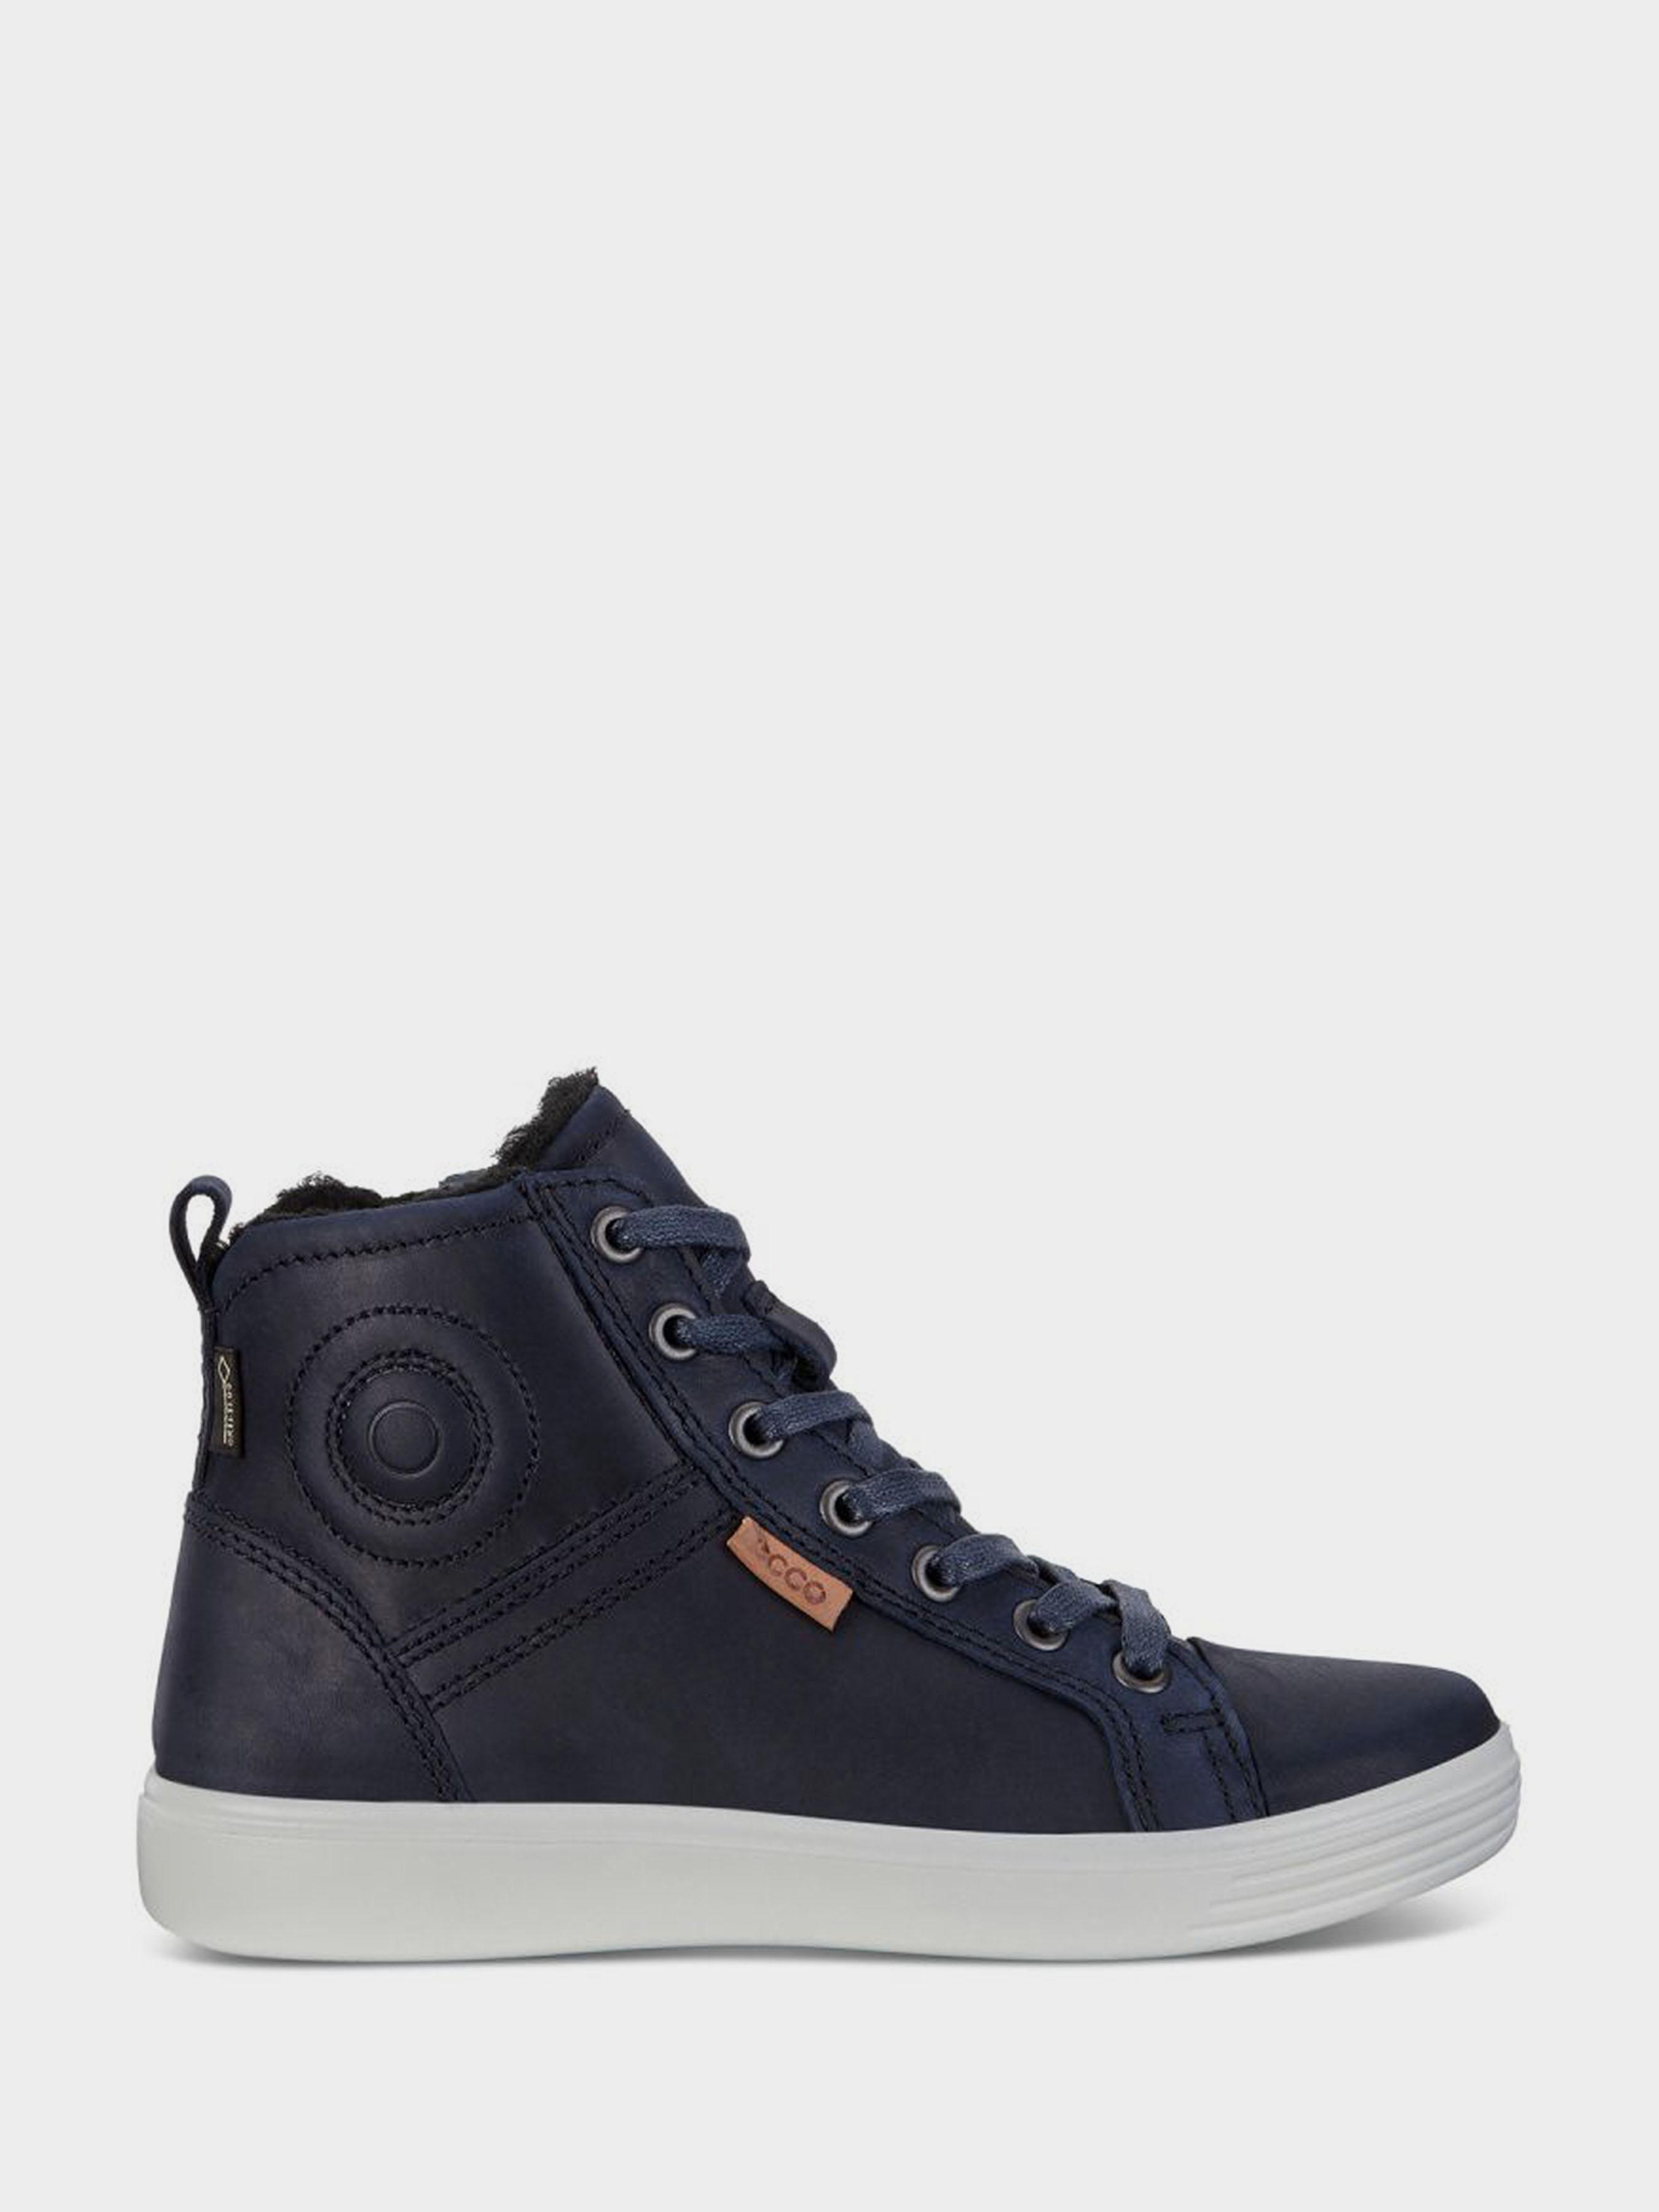 Дитяче взуття 40 розміру осінь-зима. Купити взуття осінь-зима для ... dfbcd988ebe69